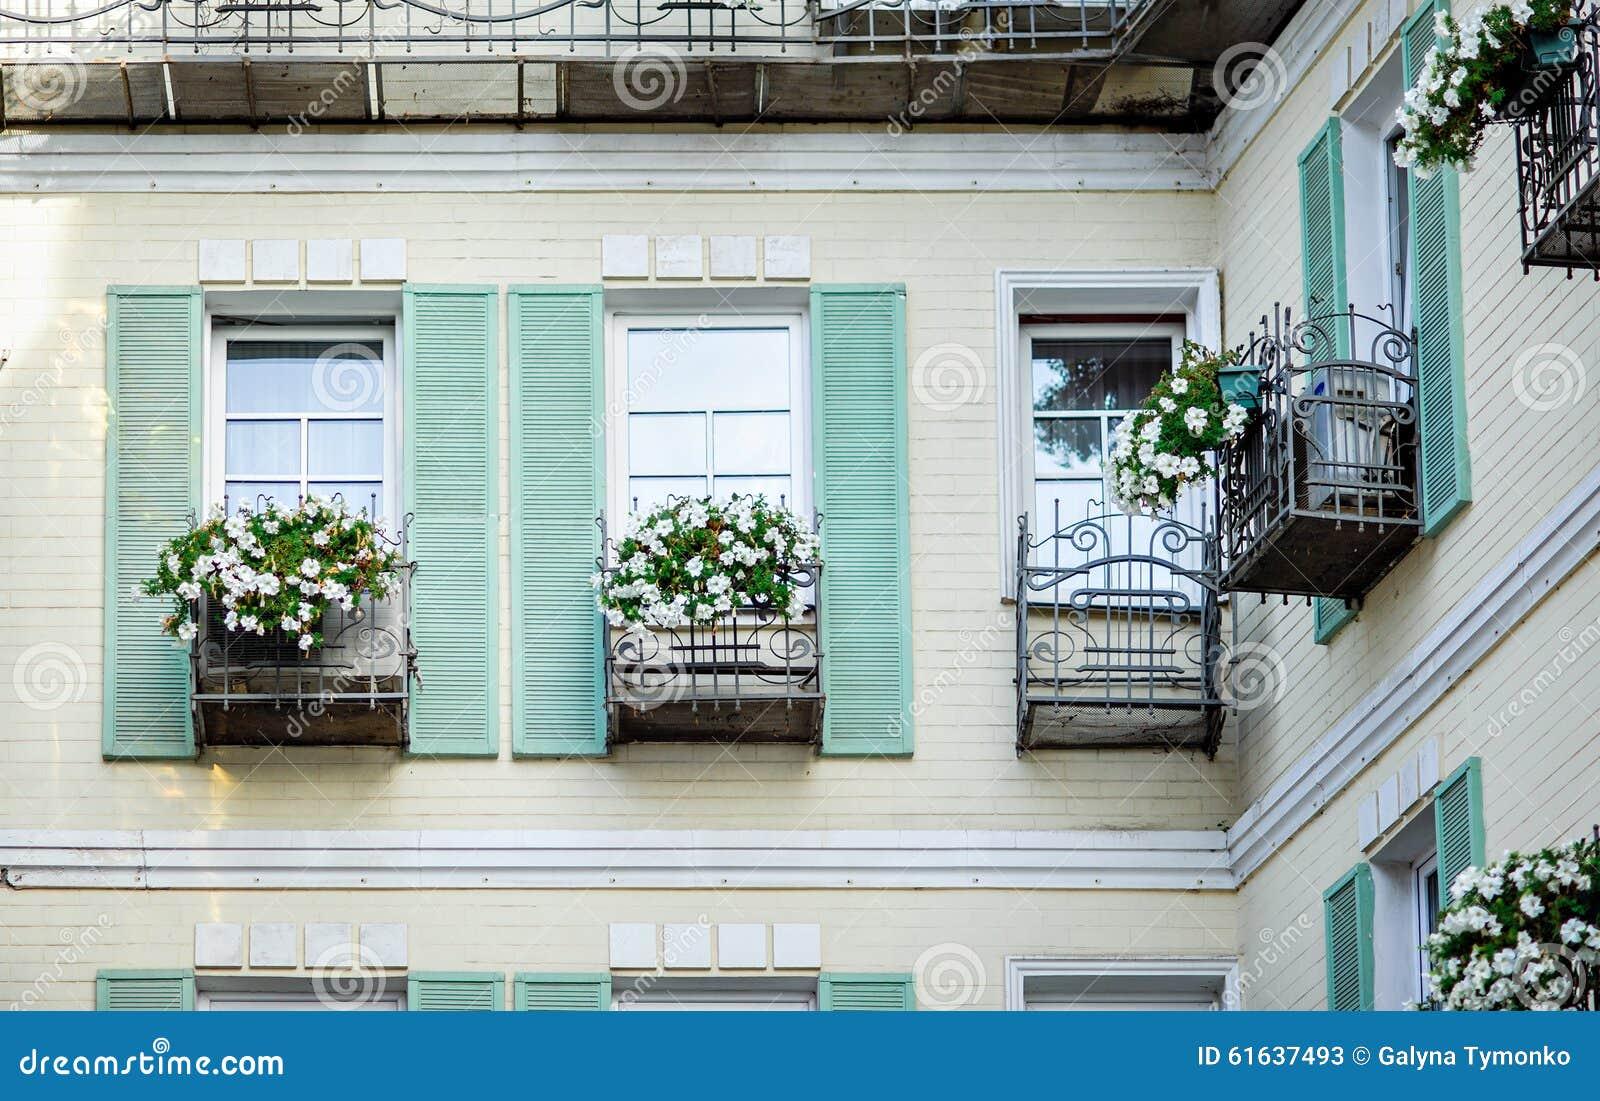 Fachada t pica da casa retro velha de provencal com - Finestre provenzali ...